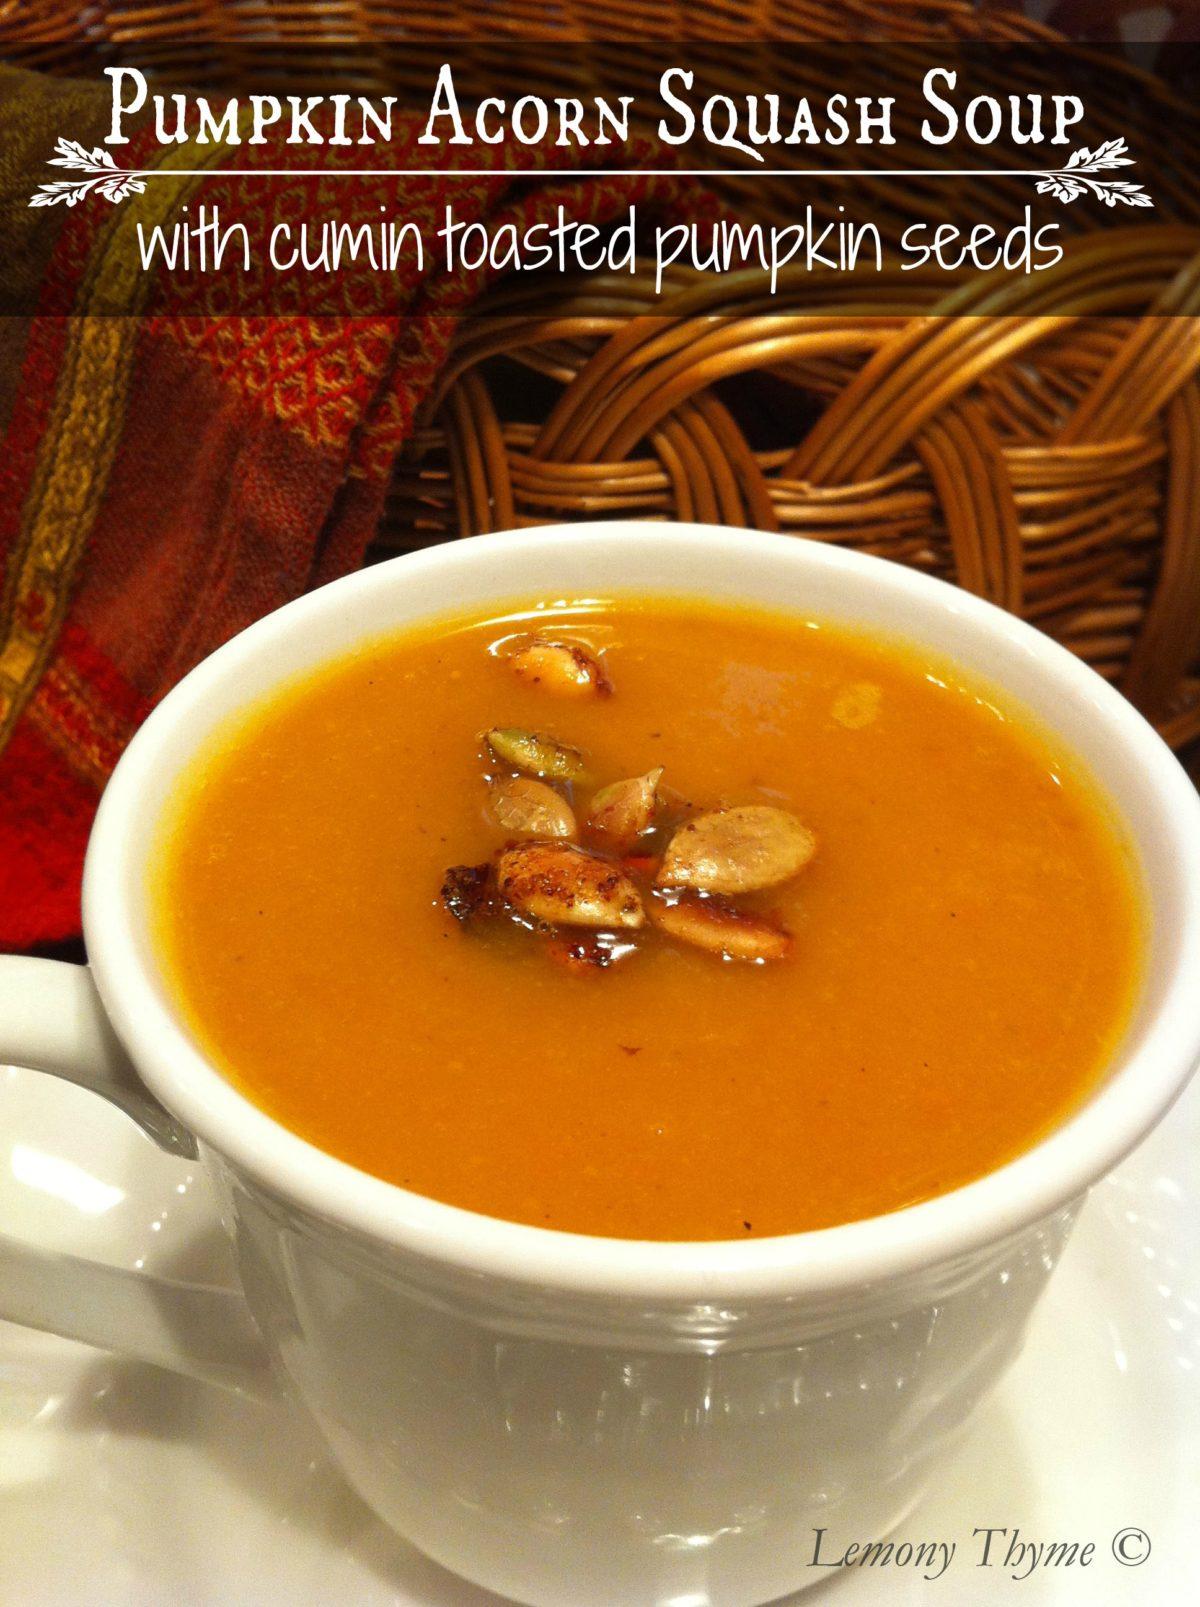 ... squash acorn squash soup with kale spicy acorn squash soup quinoa